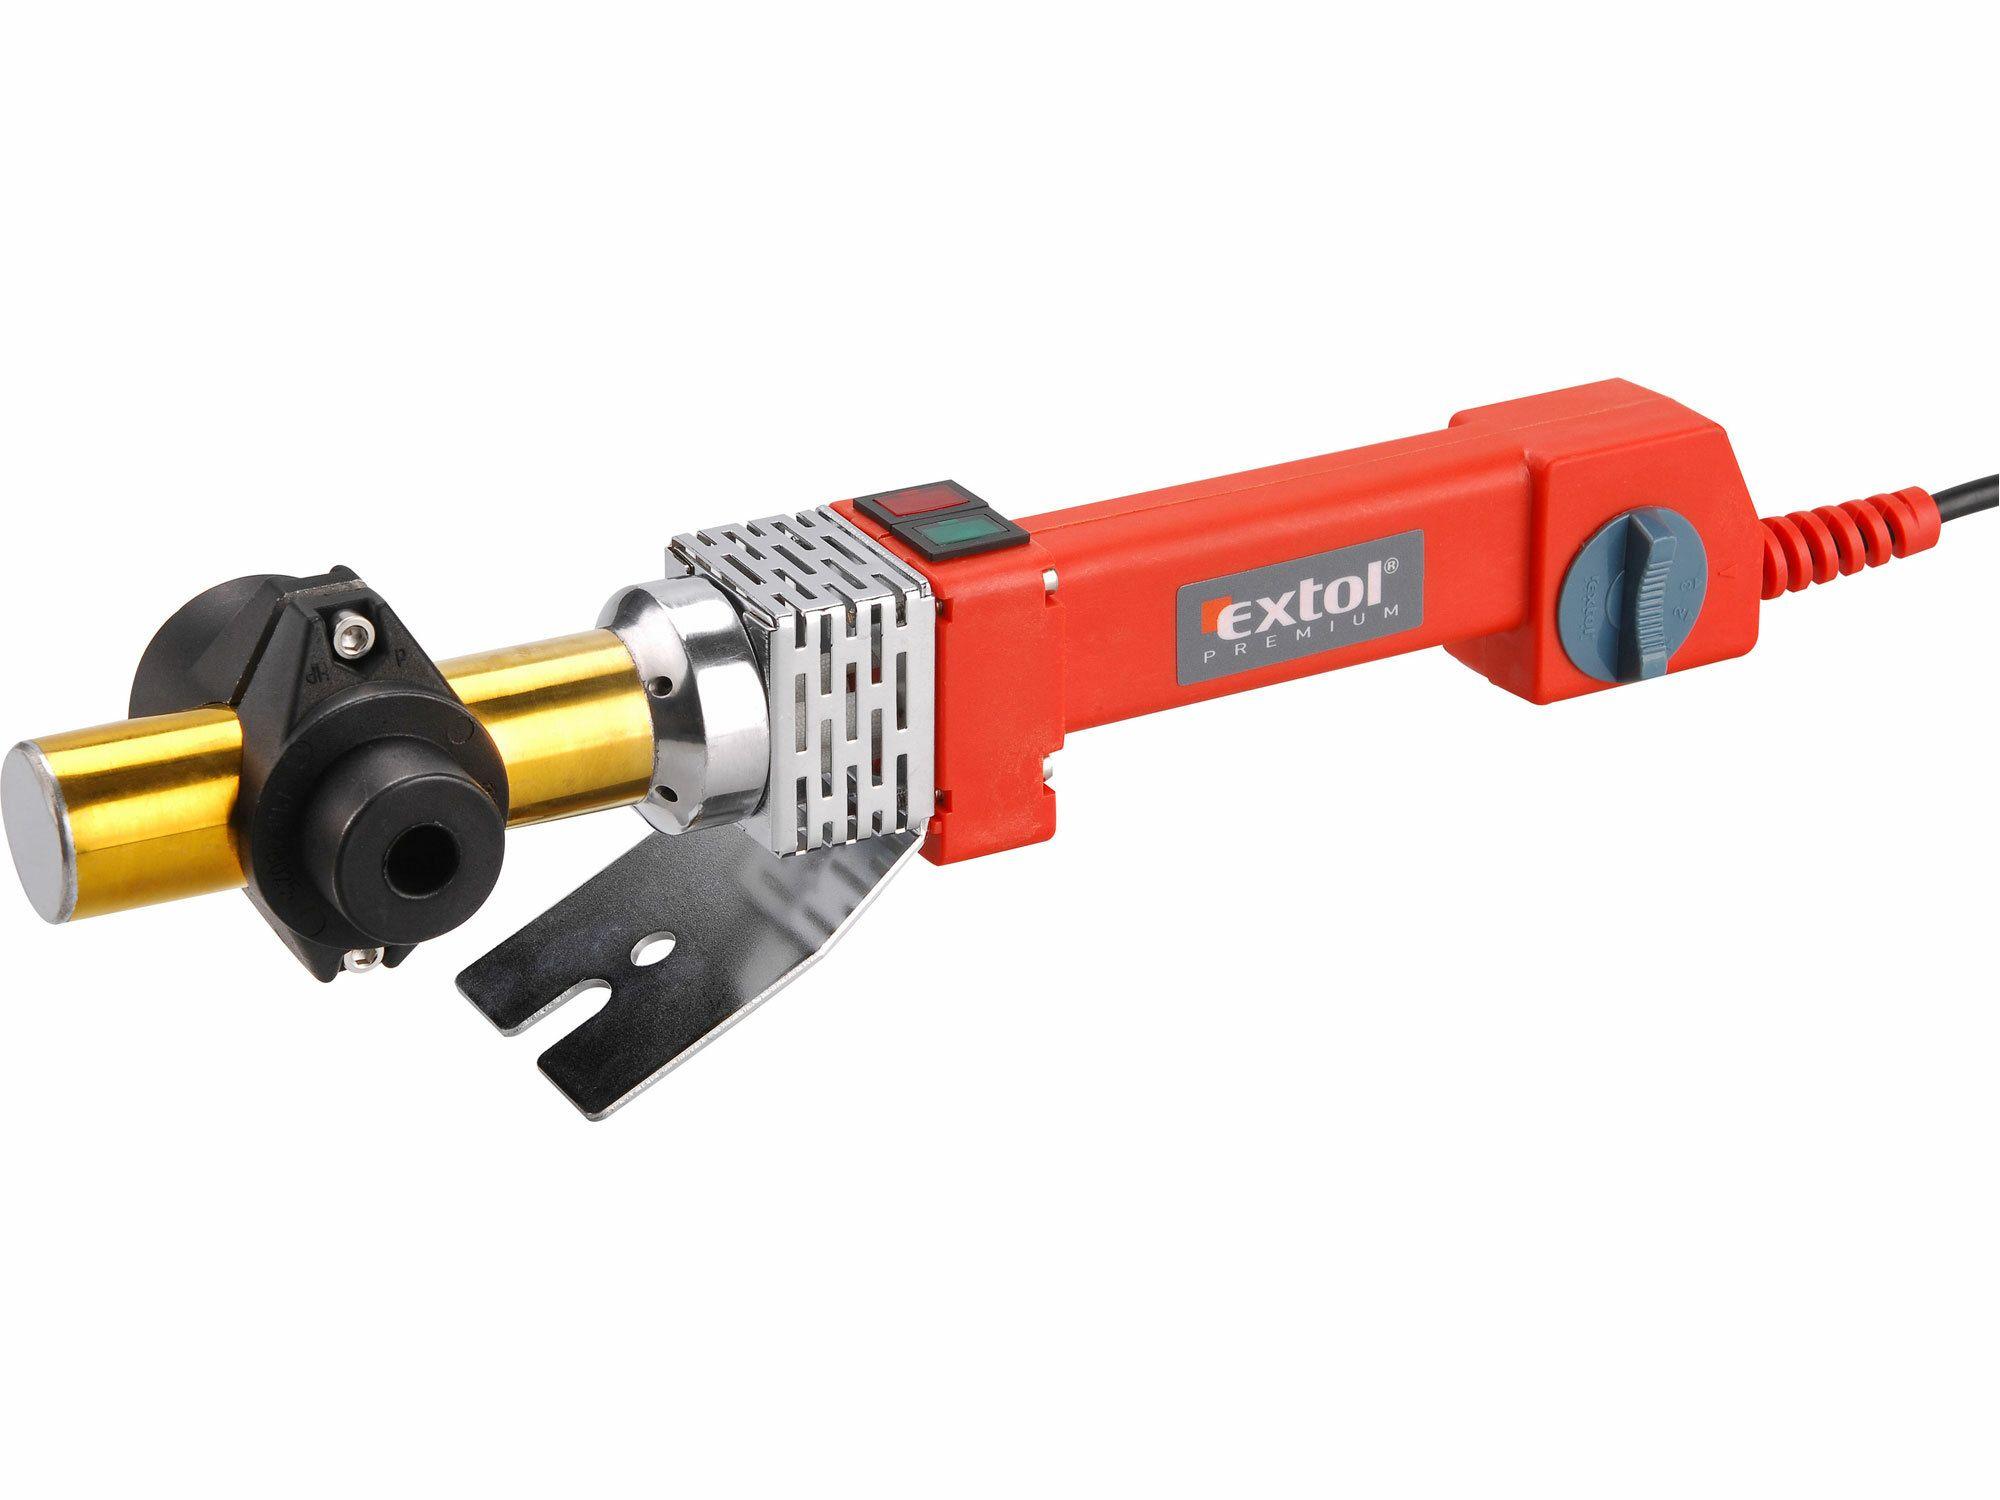 Zváračka polyfúzna, 800W, 0-300°C, EXTOL PREMIUM, PTW 80, 8897210